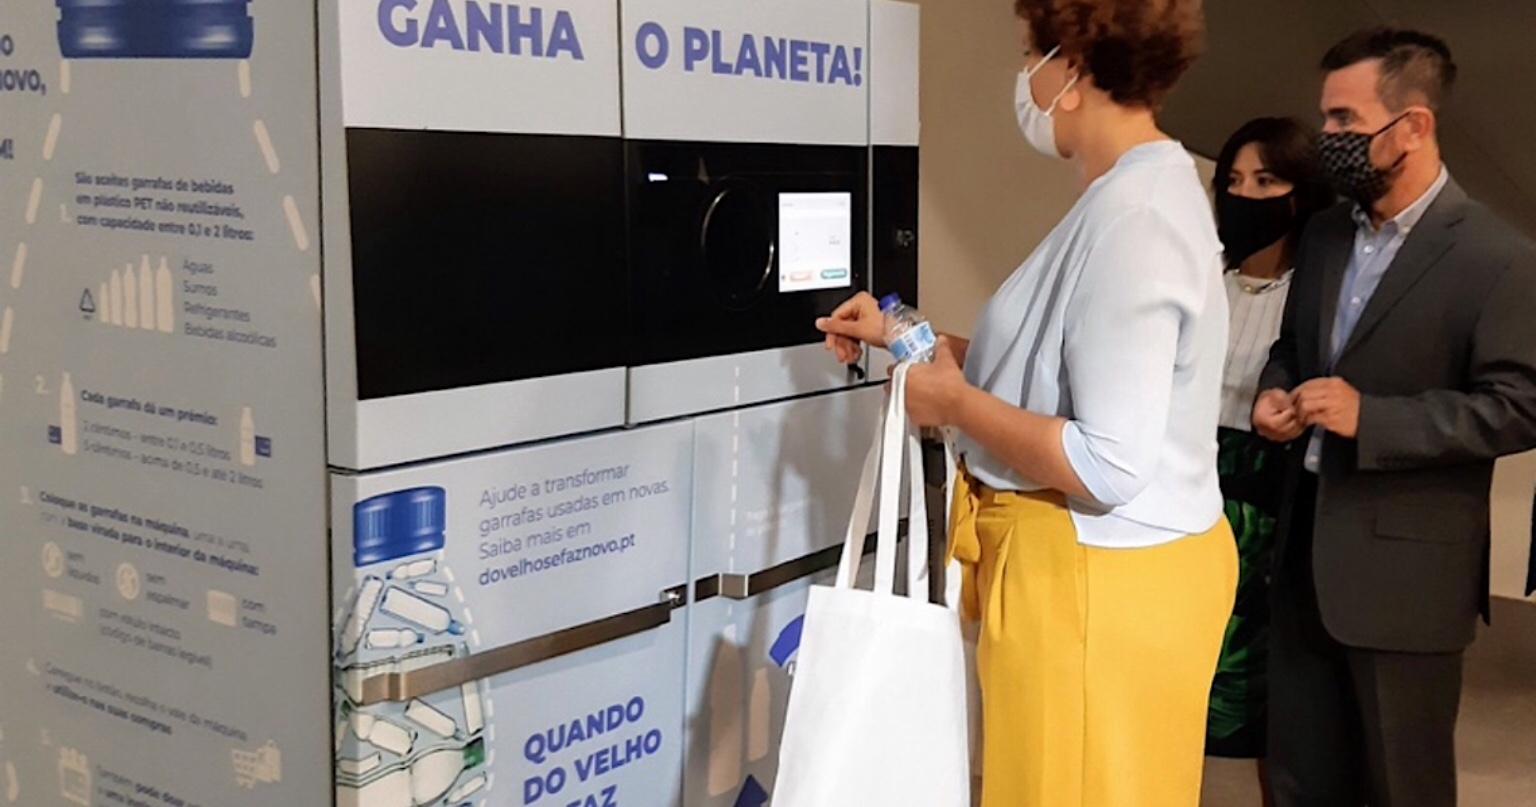 Projetos de reembolso de depósitos para garrafas e bebidas cumprem ambição de Portugal